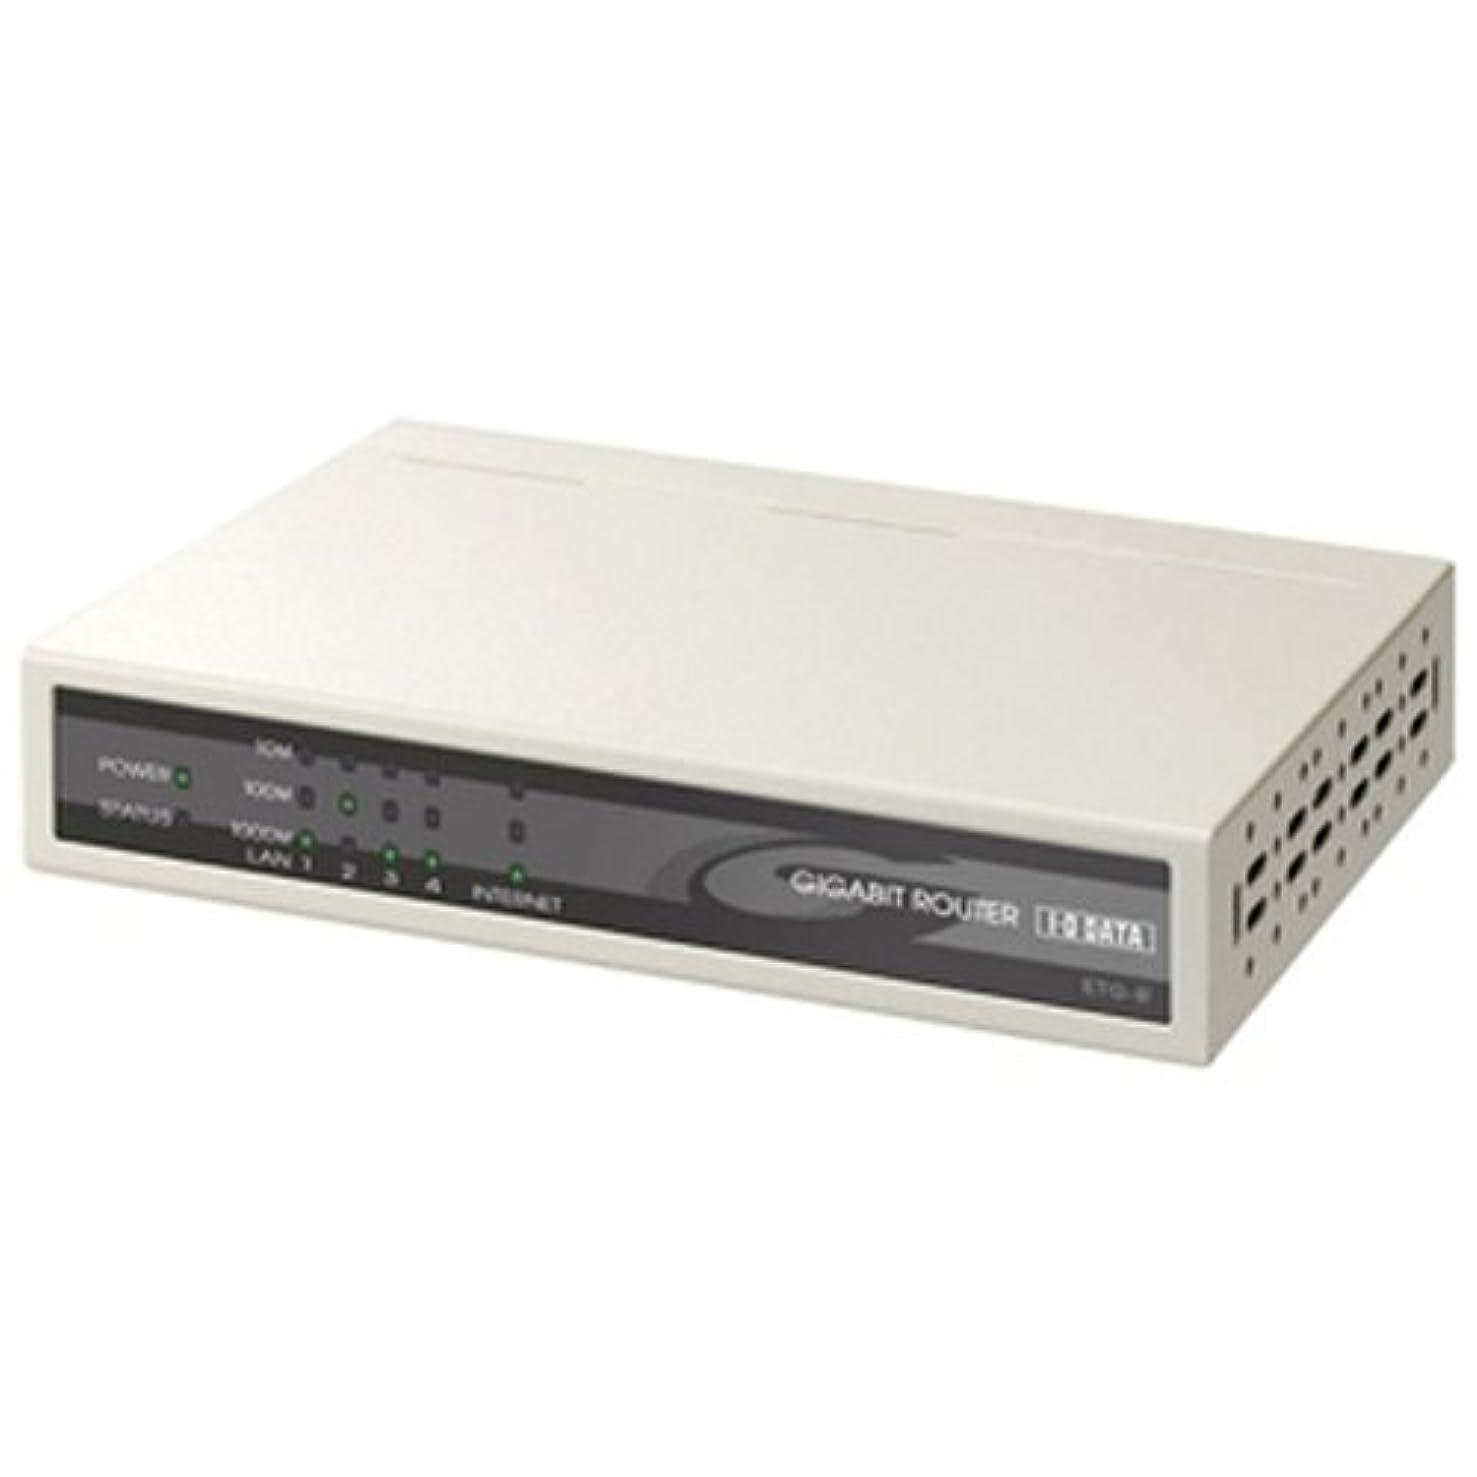 I-O DATA ETG-R 高速?多機能Gigabitブロードバンドルーター